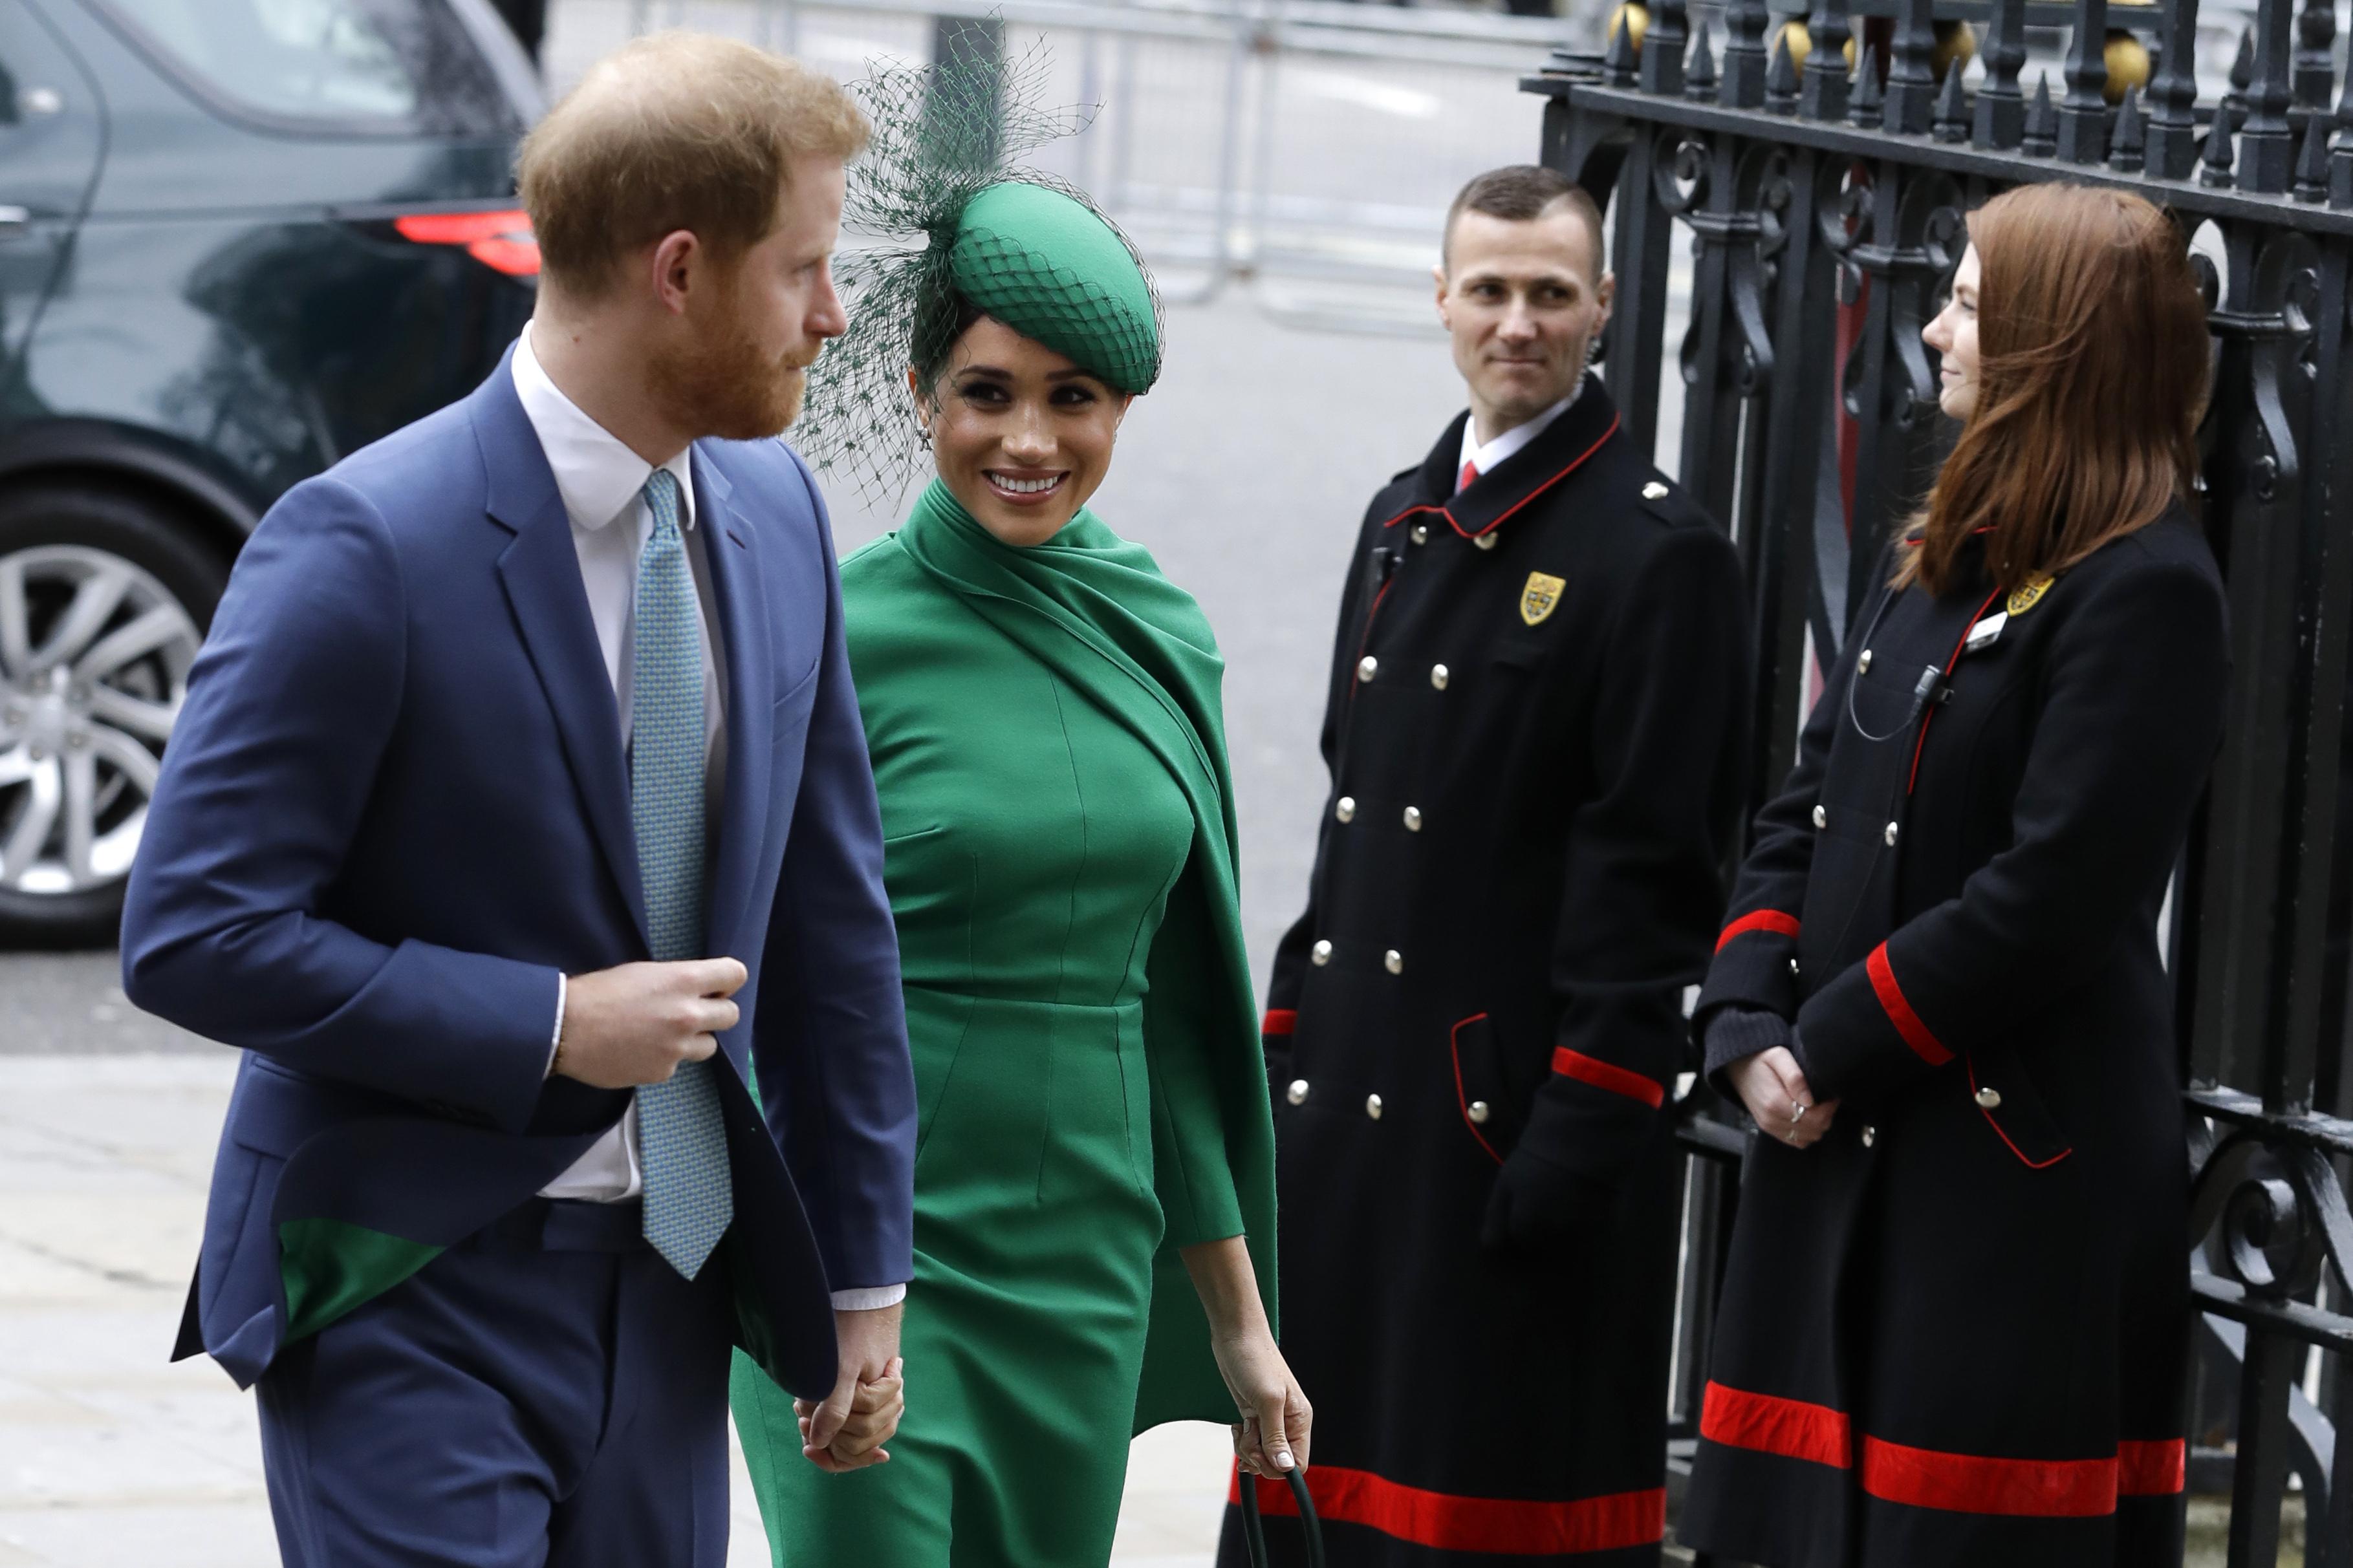 Como ha ocurrido en sus compromisos previos, la pareja llegó sonriente hasta el servicio religioso para conmemorar el Commonwealth Day. (Phil Harris / Pool via AP)